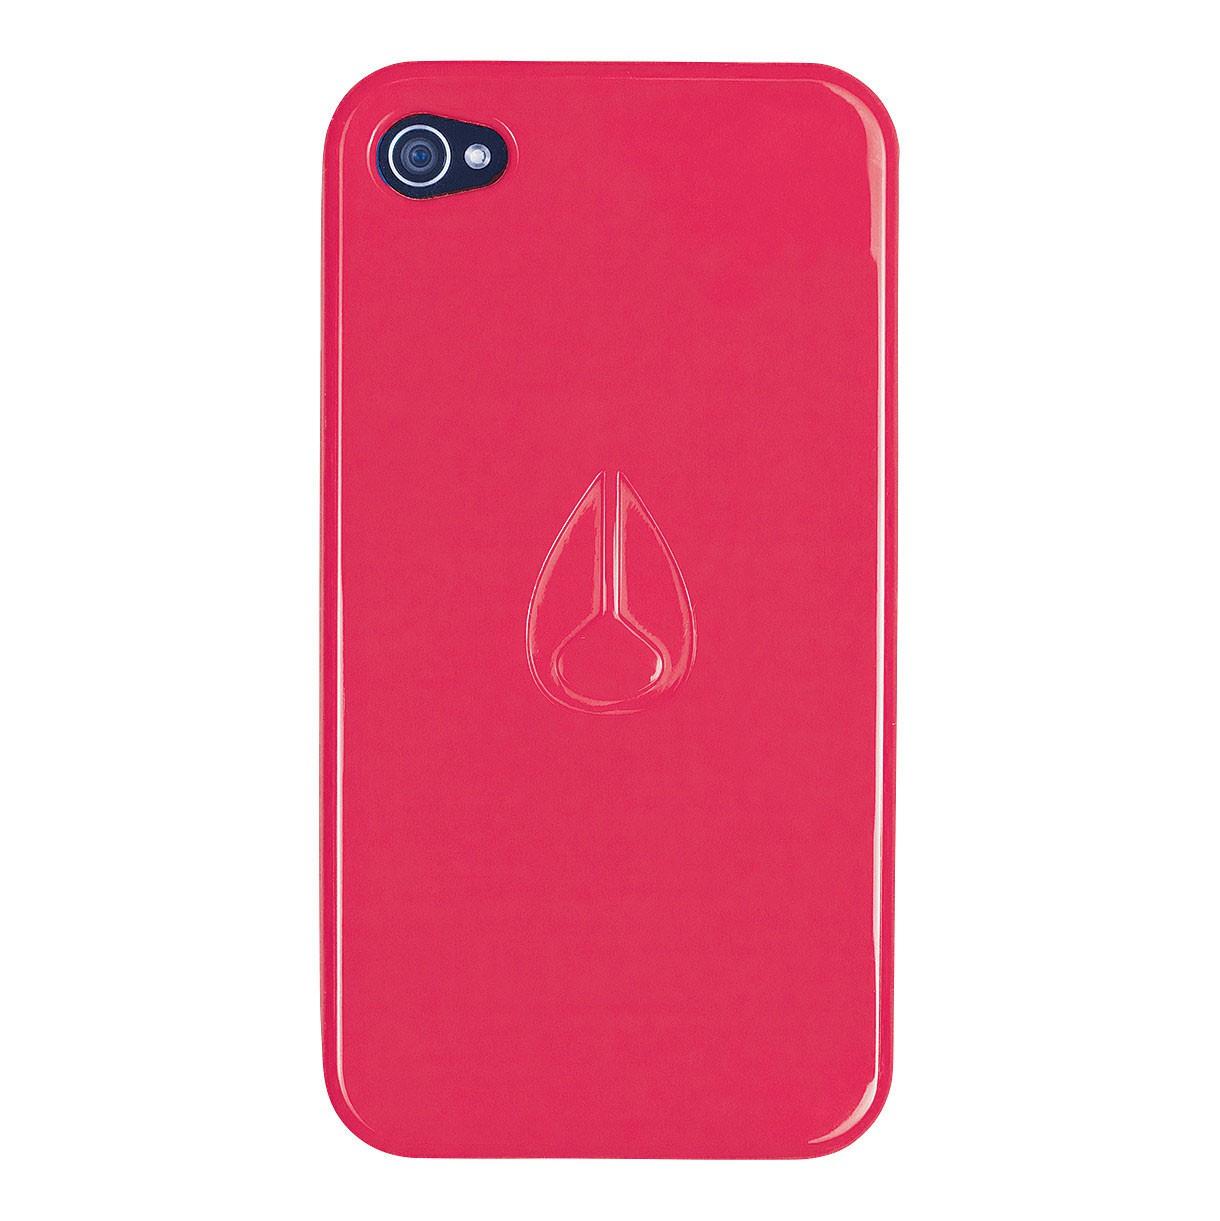 Obal na telefon Nixon Jacket Iphone 4 neon coral